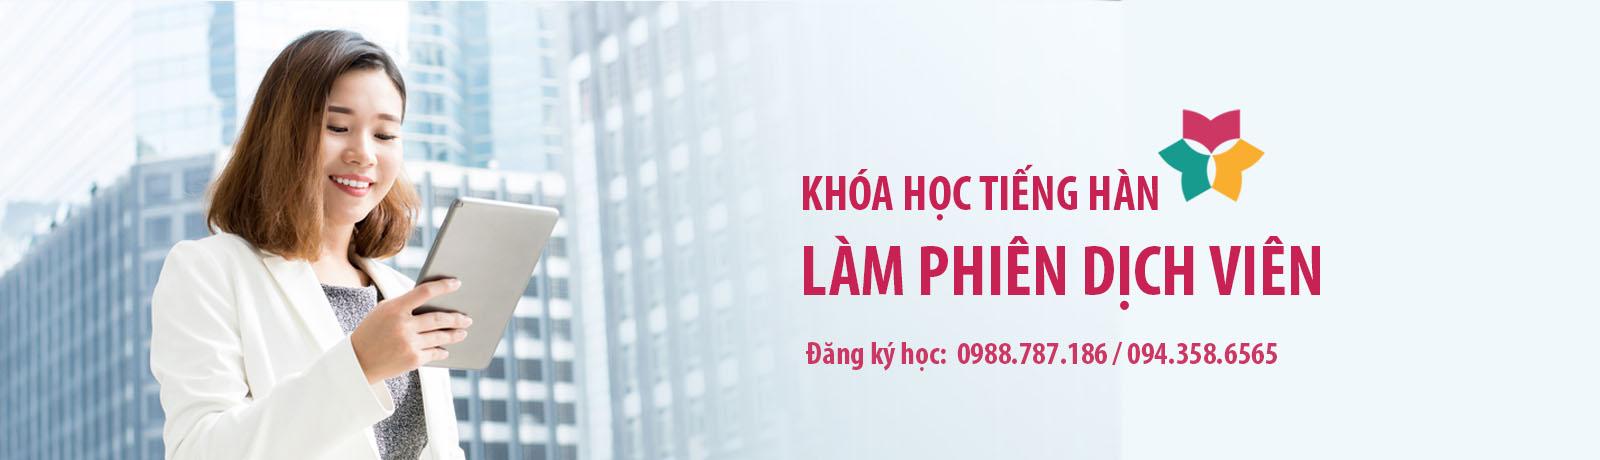 Khóa học phiên dịch tiếng Hàn tại Hà Nội